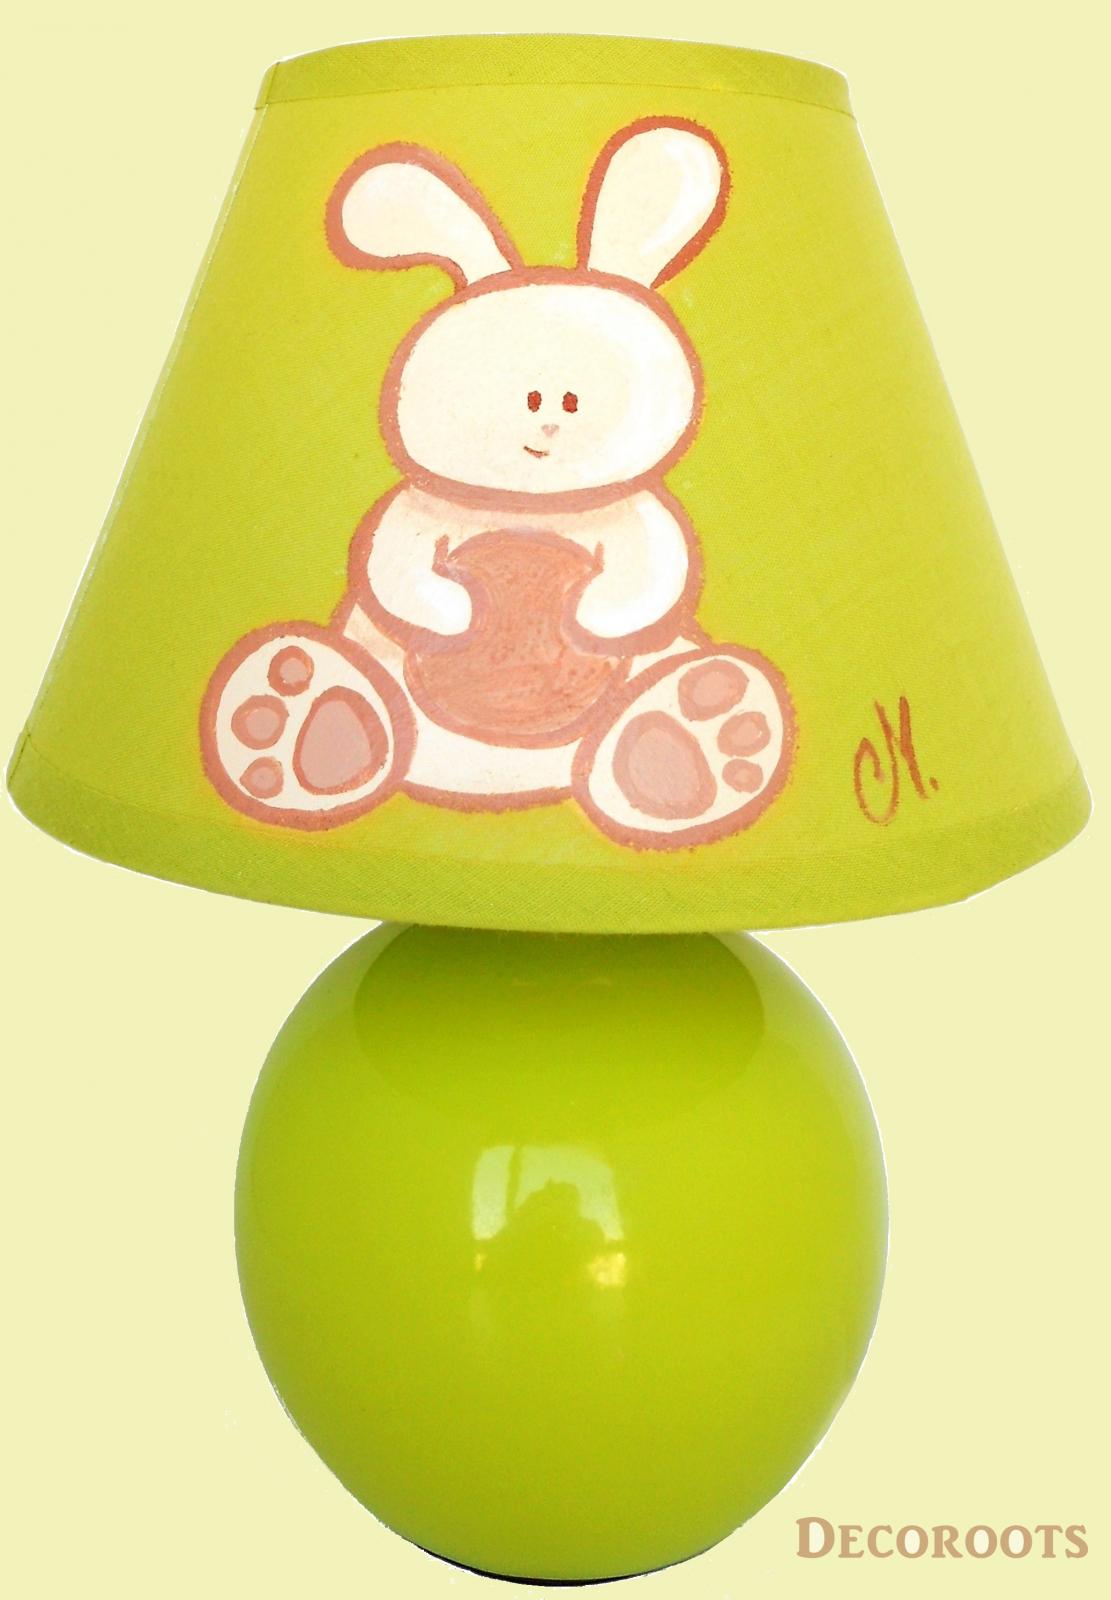 Valet De Chambre Bois Design : lampe bébé lapin beige et vert;  Décoration chambre enfant bébé